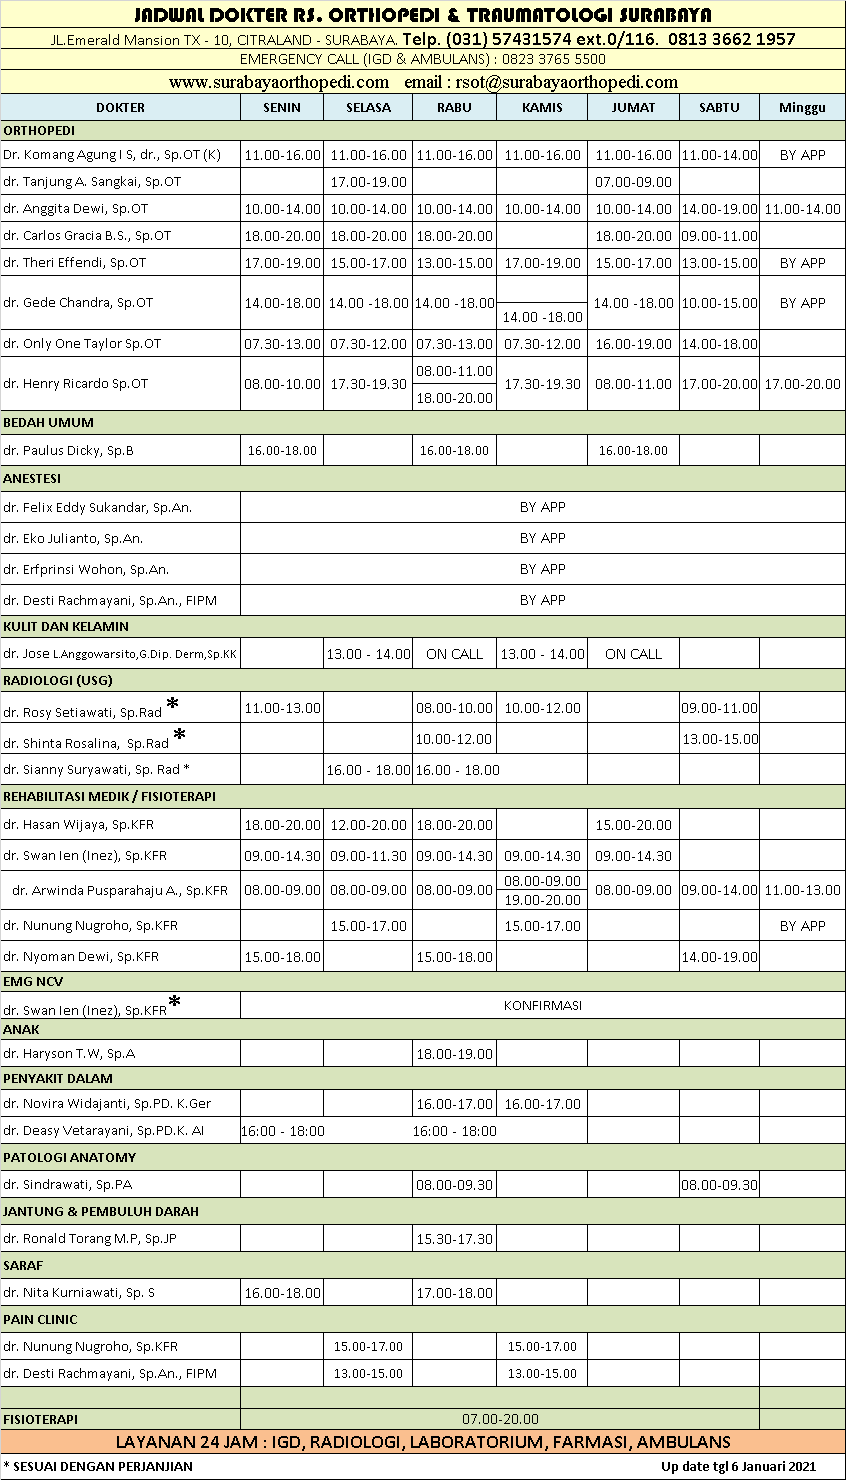 Jadwal Dokter RSOT Surabaya 18-02-2021